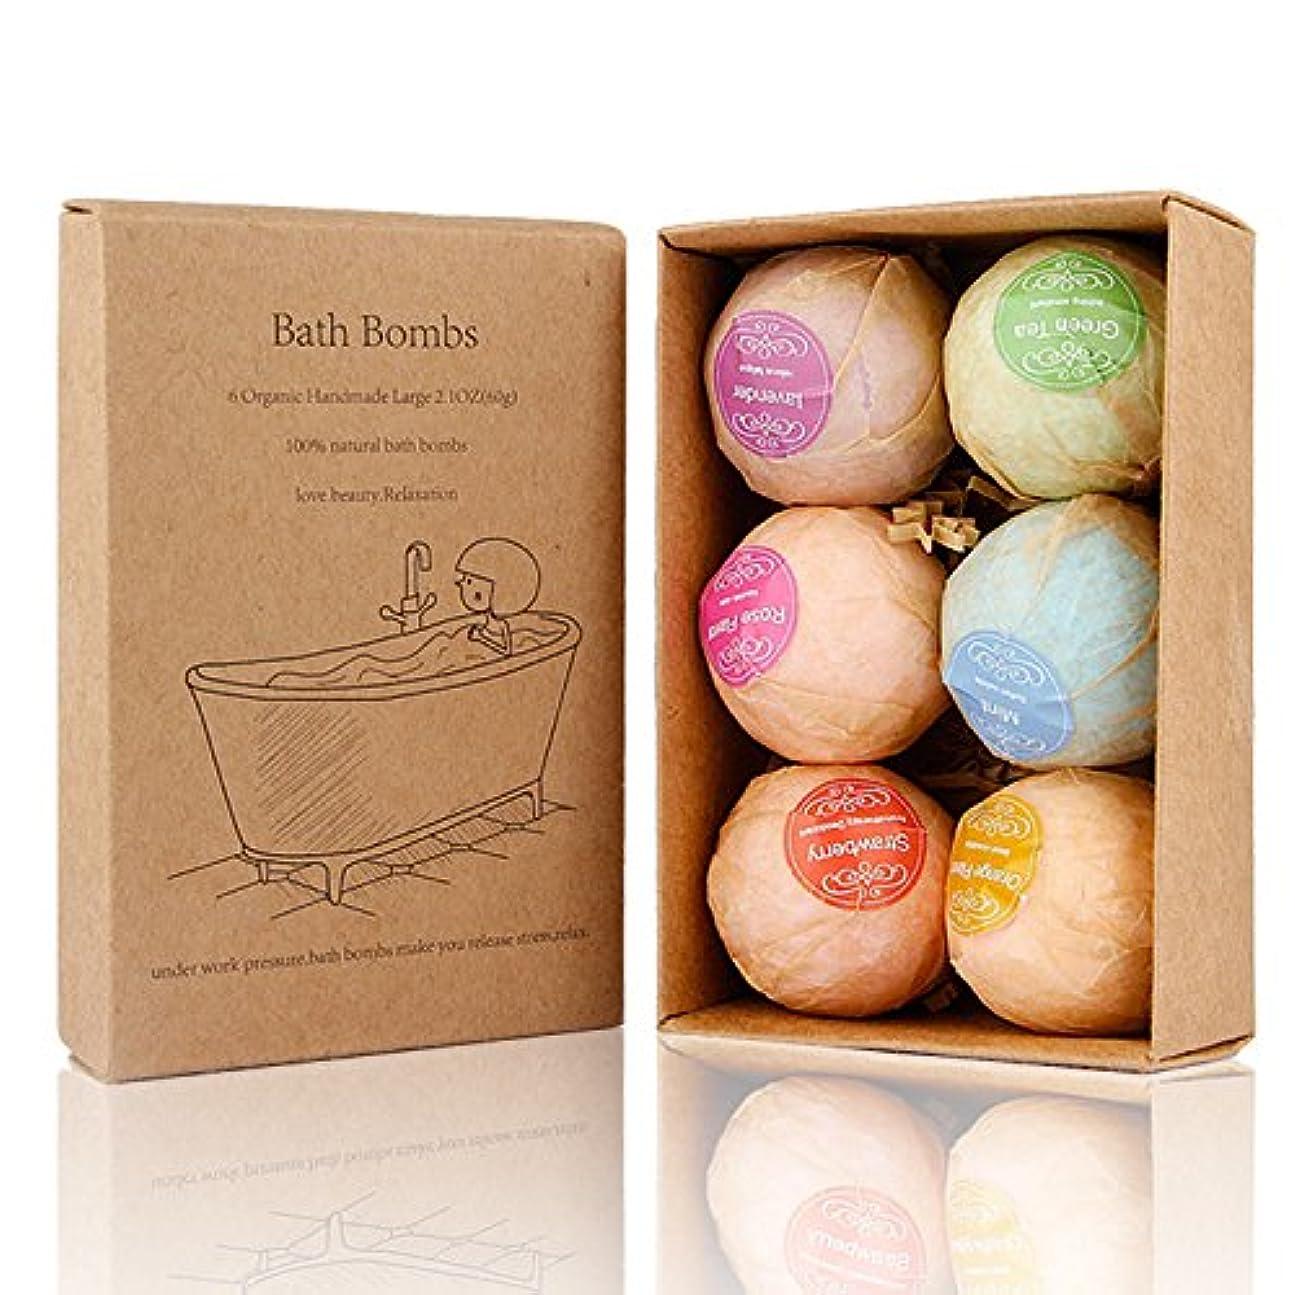 些細不合格注ぎますBath Bomb, 温泡 入浴剤 ギフトセット6個入り, Perfect for Bubble & Spa Bath Ultra Lush Bath Fizzies